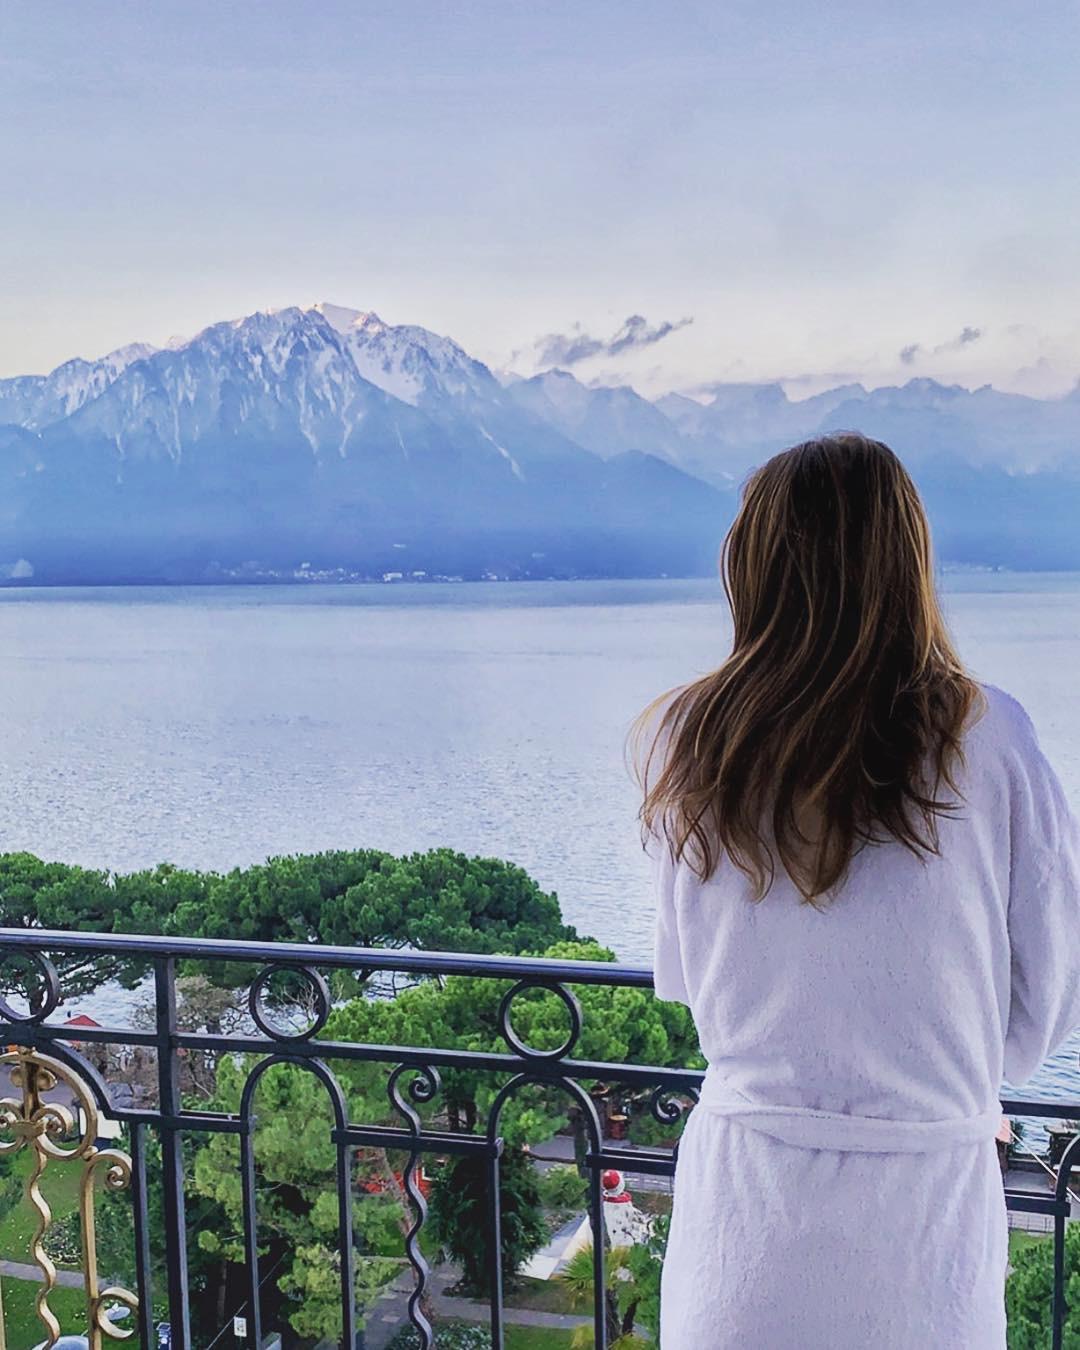 Montreux, Switzerland